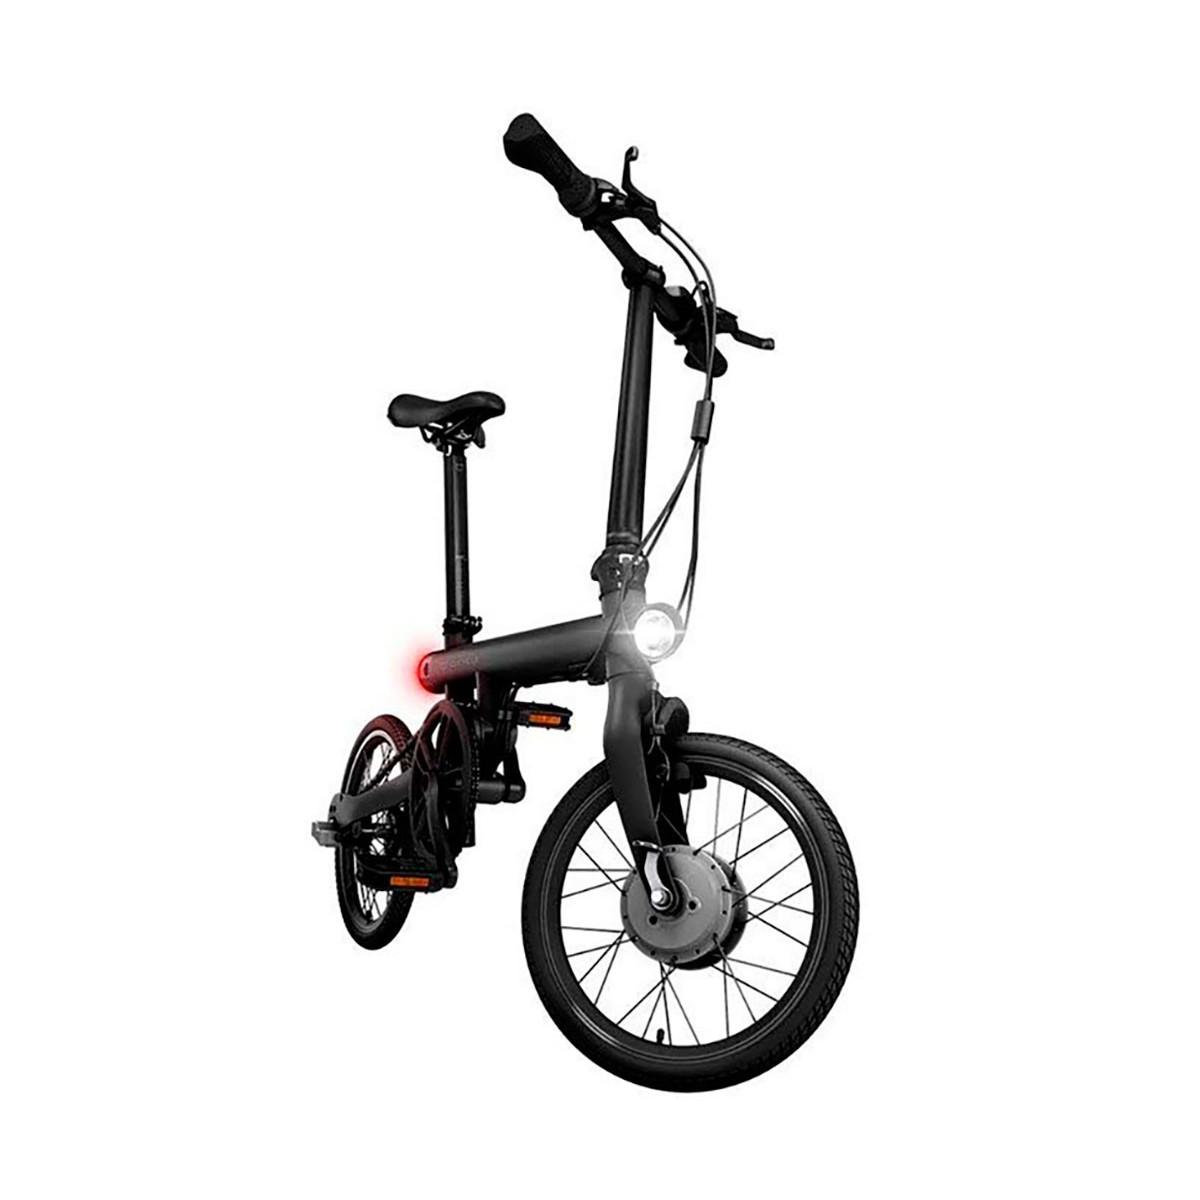 Bicicleta Electrica Xiaomi Qicycle Xl Negra